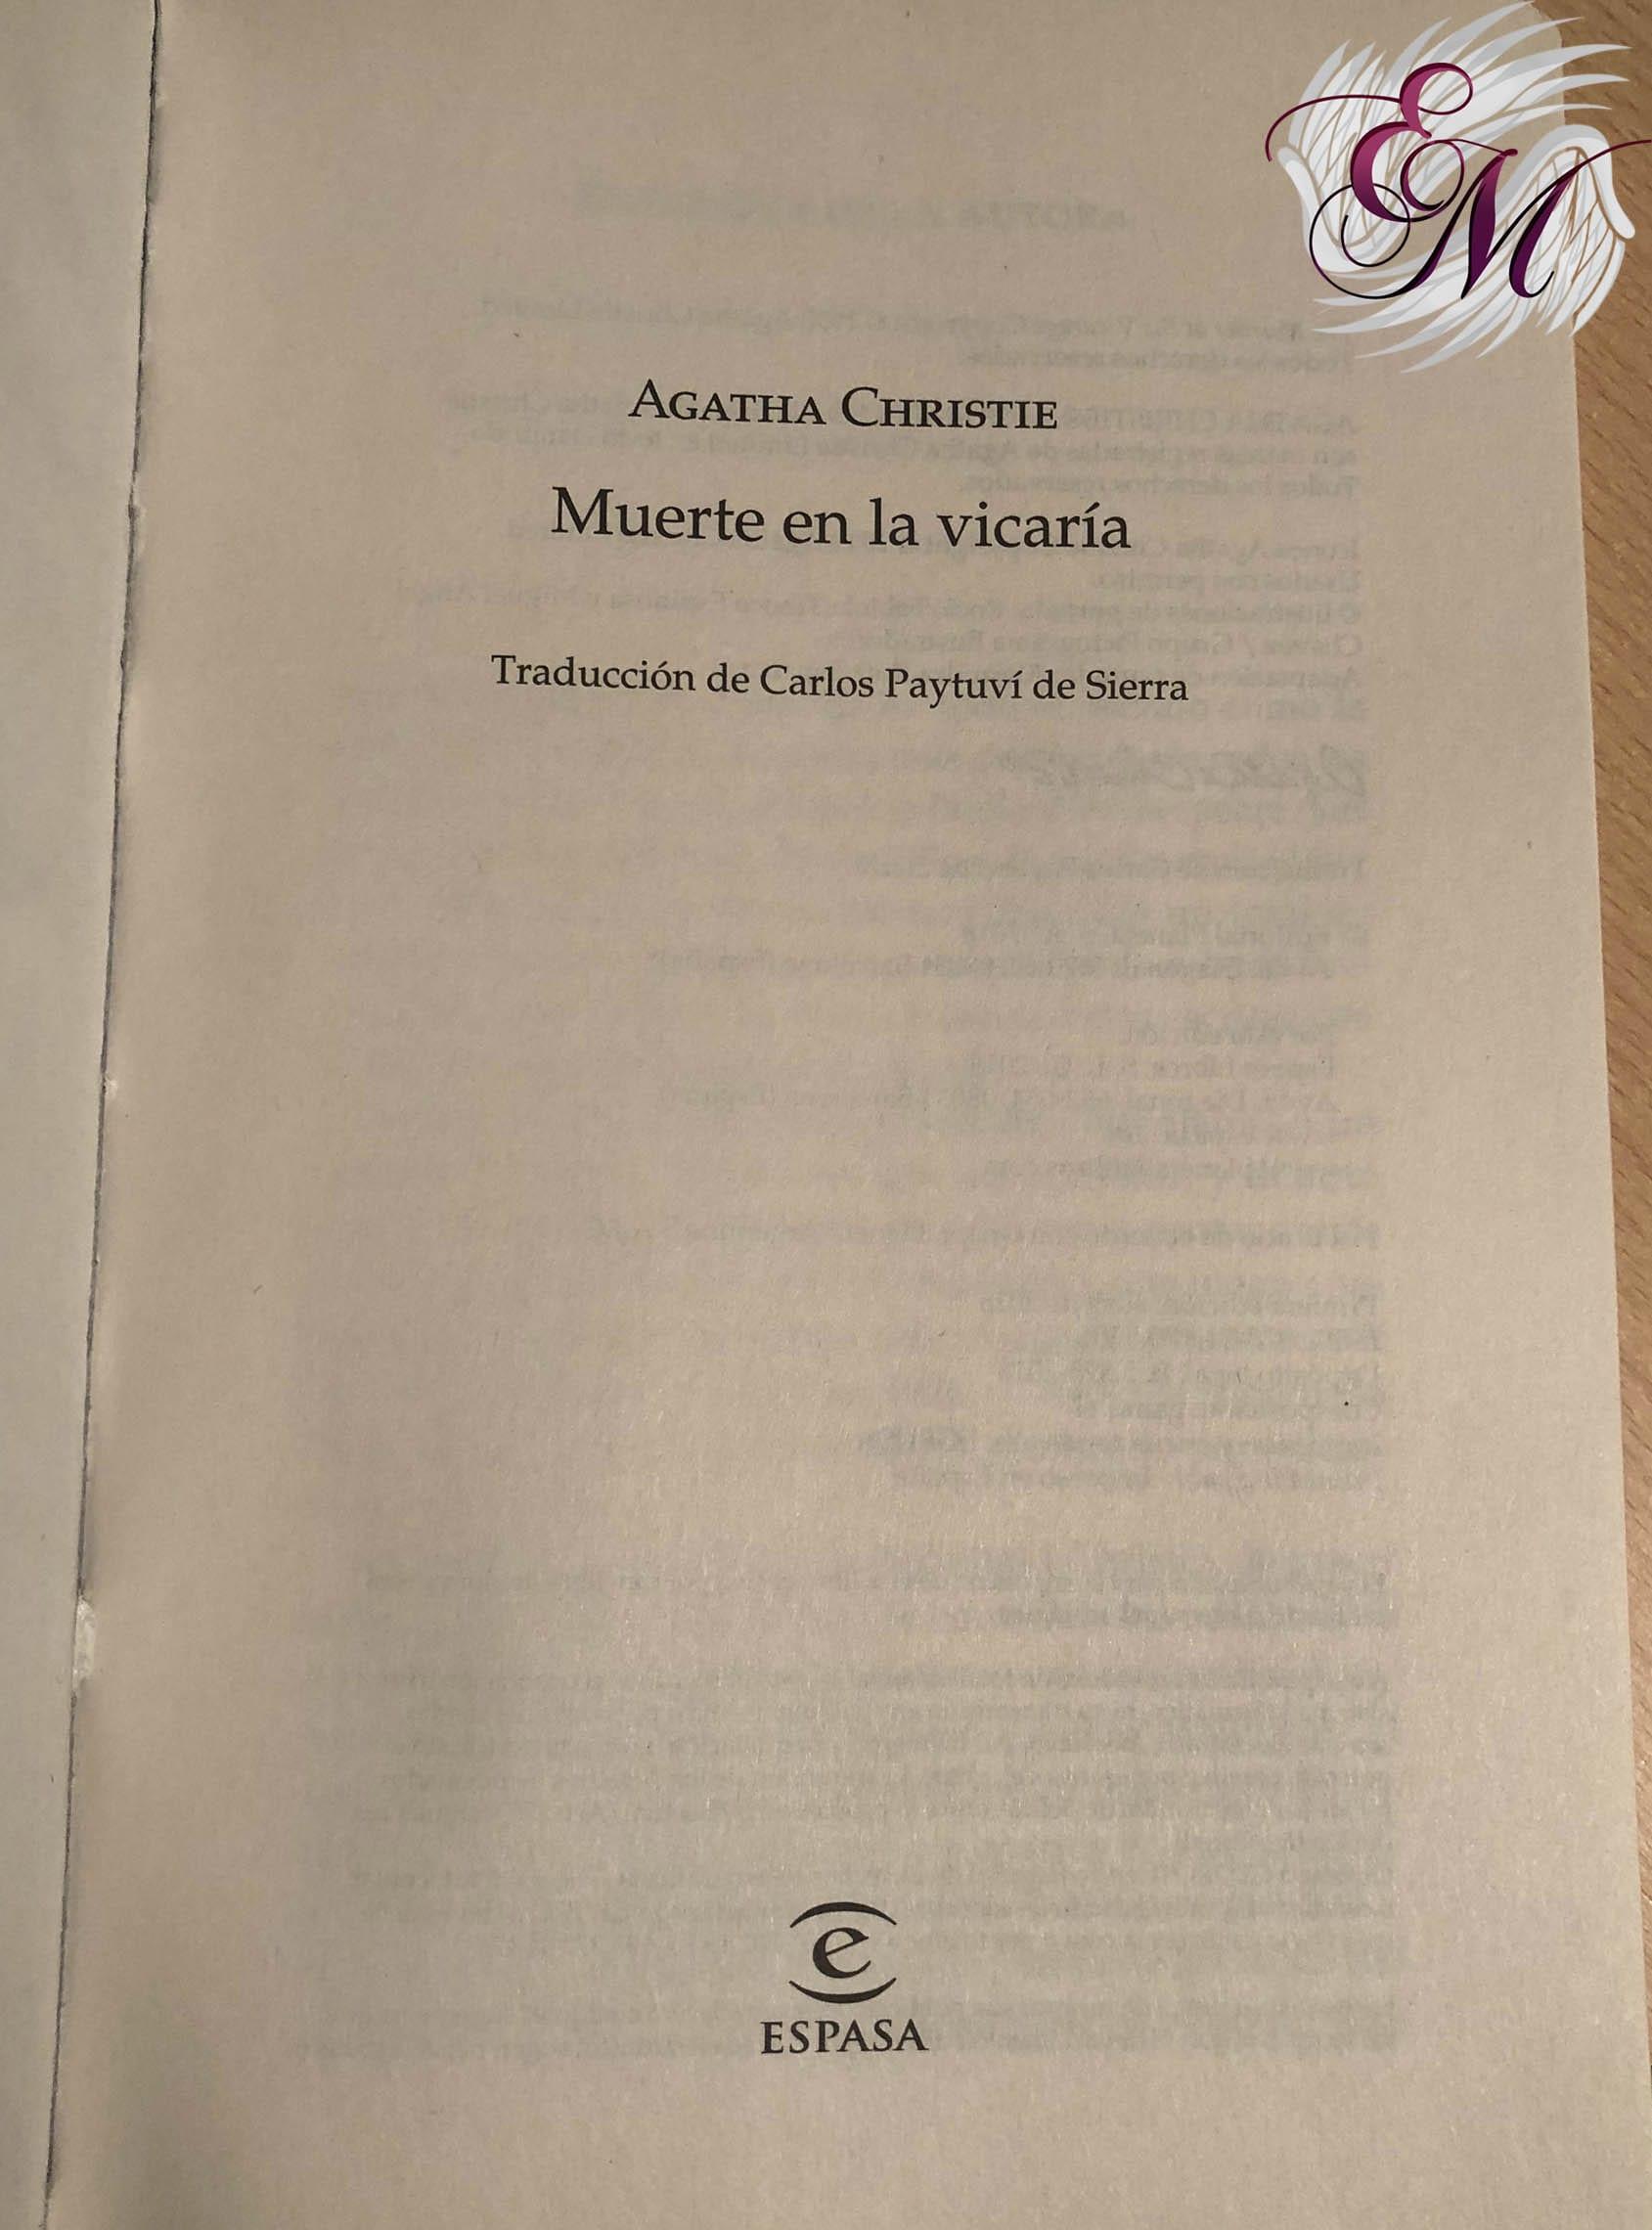 Muerte en la vicaría, de Agatha Christie - Reseña